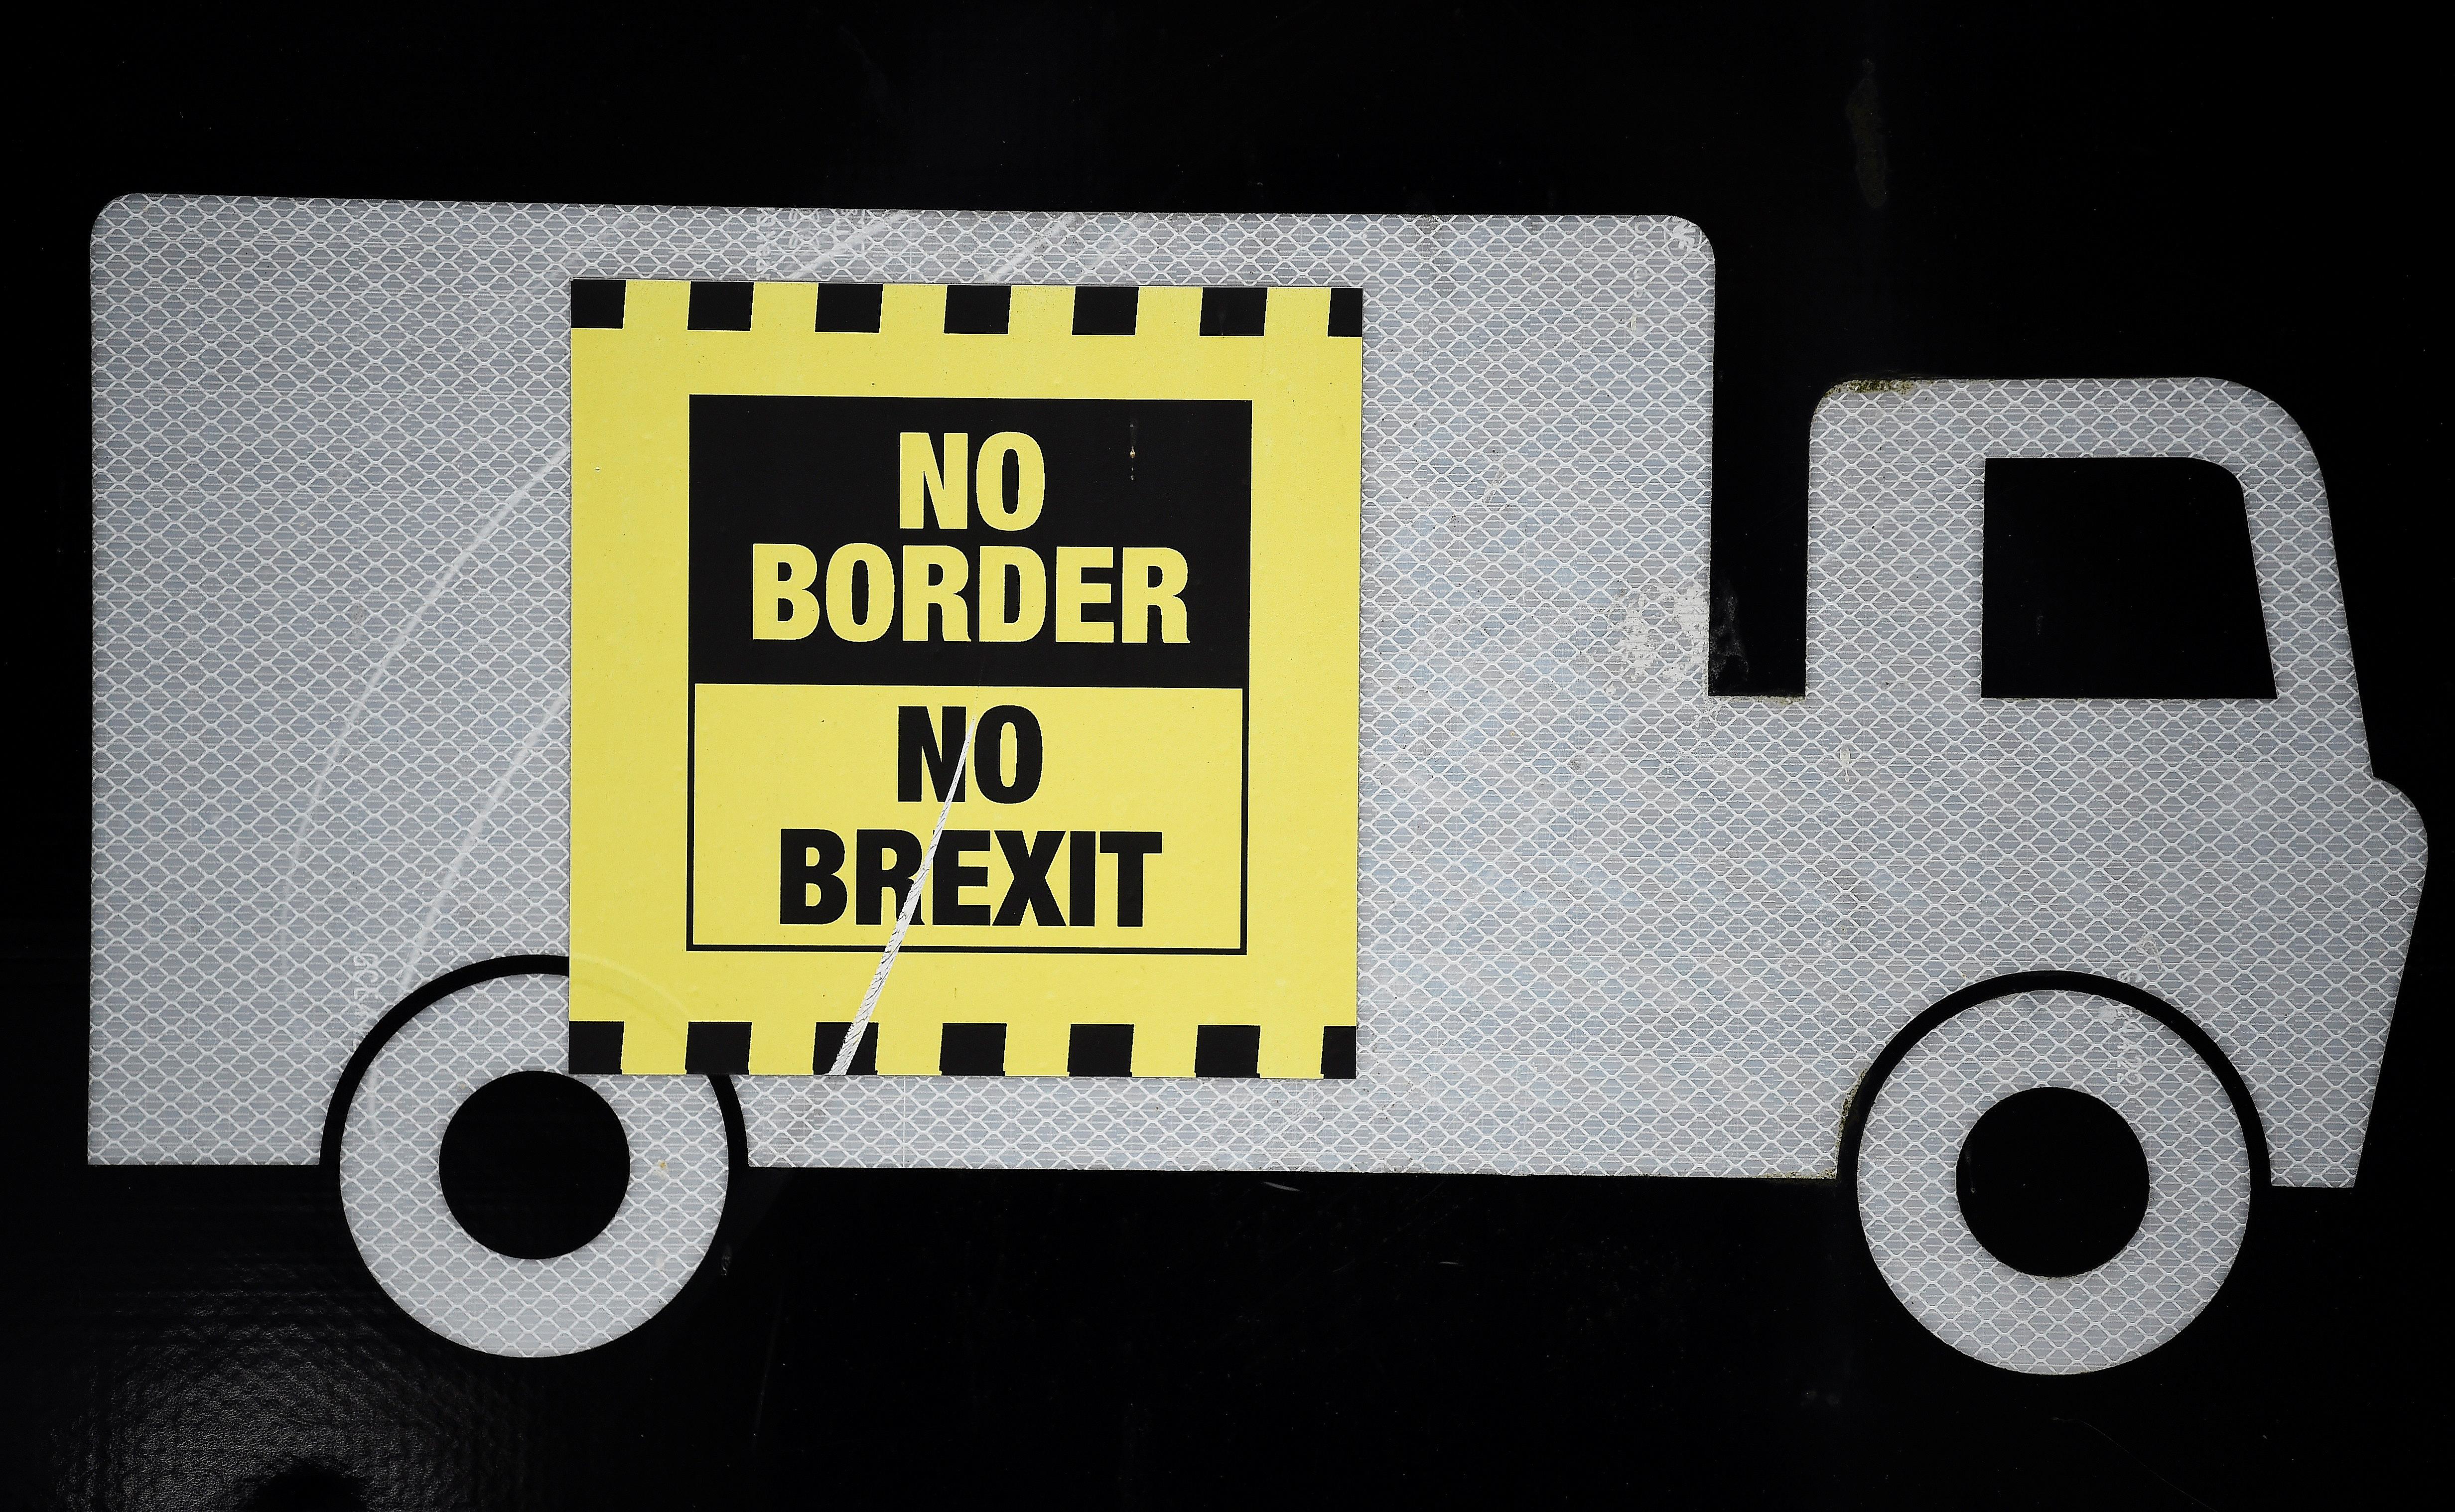 Brexit: accord possible avec Londres mais ça coince toujours avec la frontière nord-irlandaise